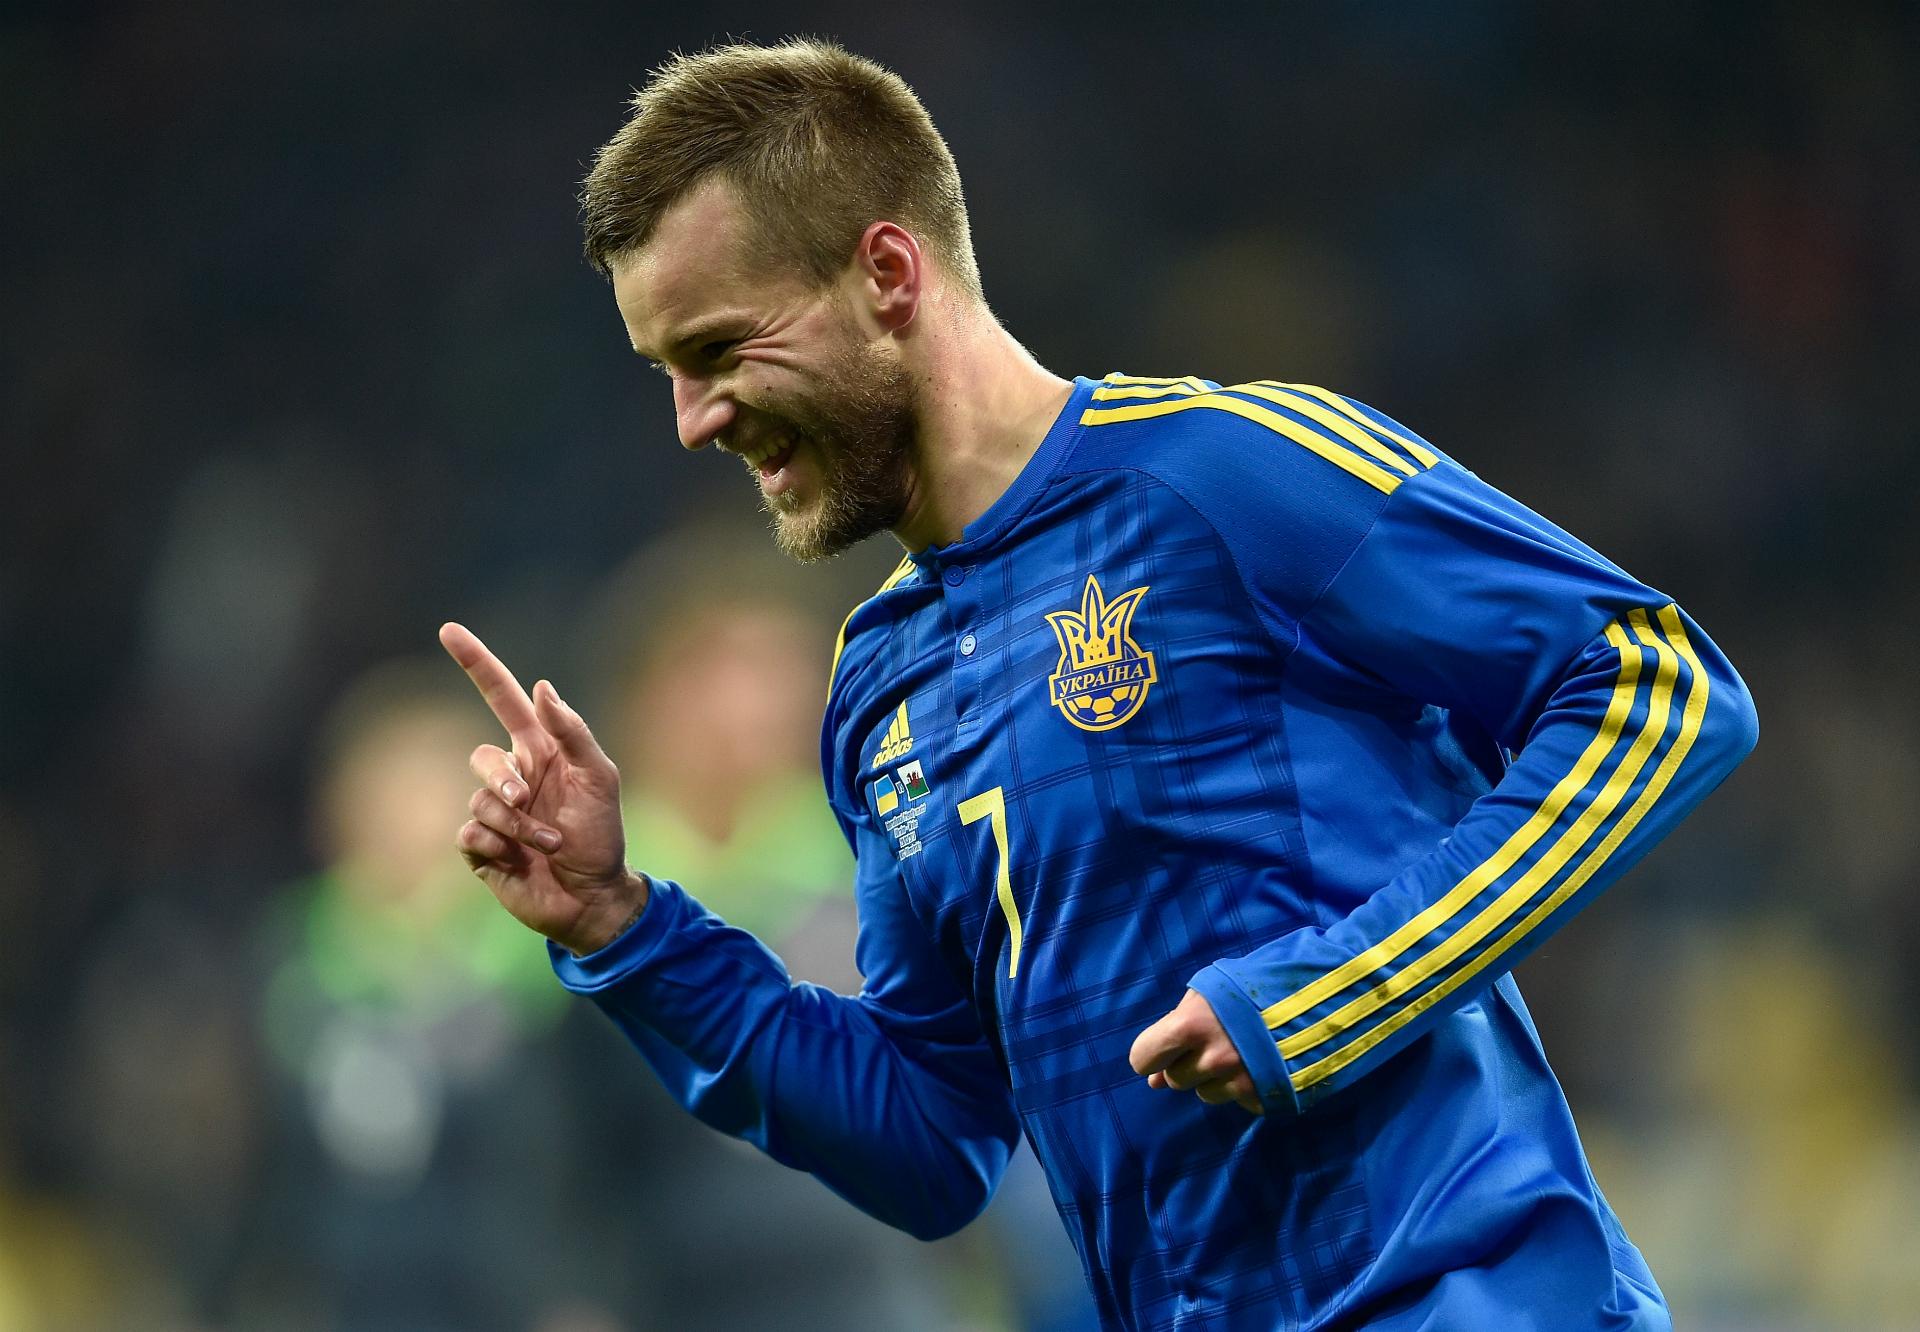 Calciomercato, Borussia Dortmund su Yarmolenko: può essere il sostituto di Dembele